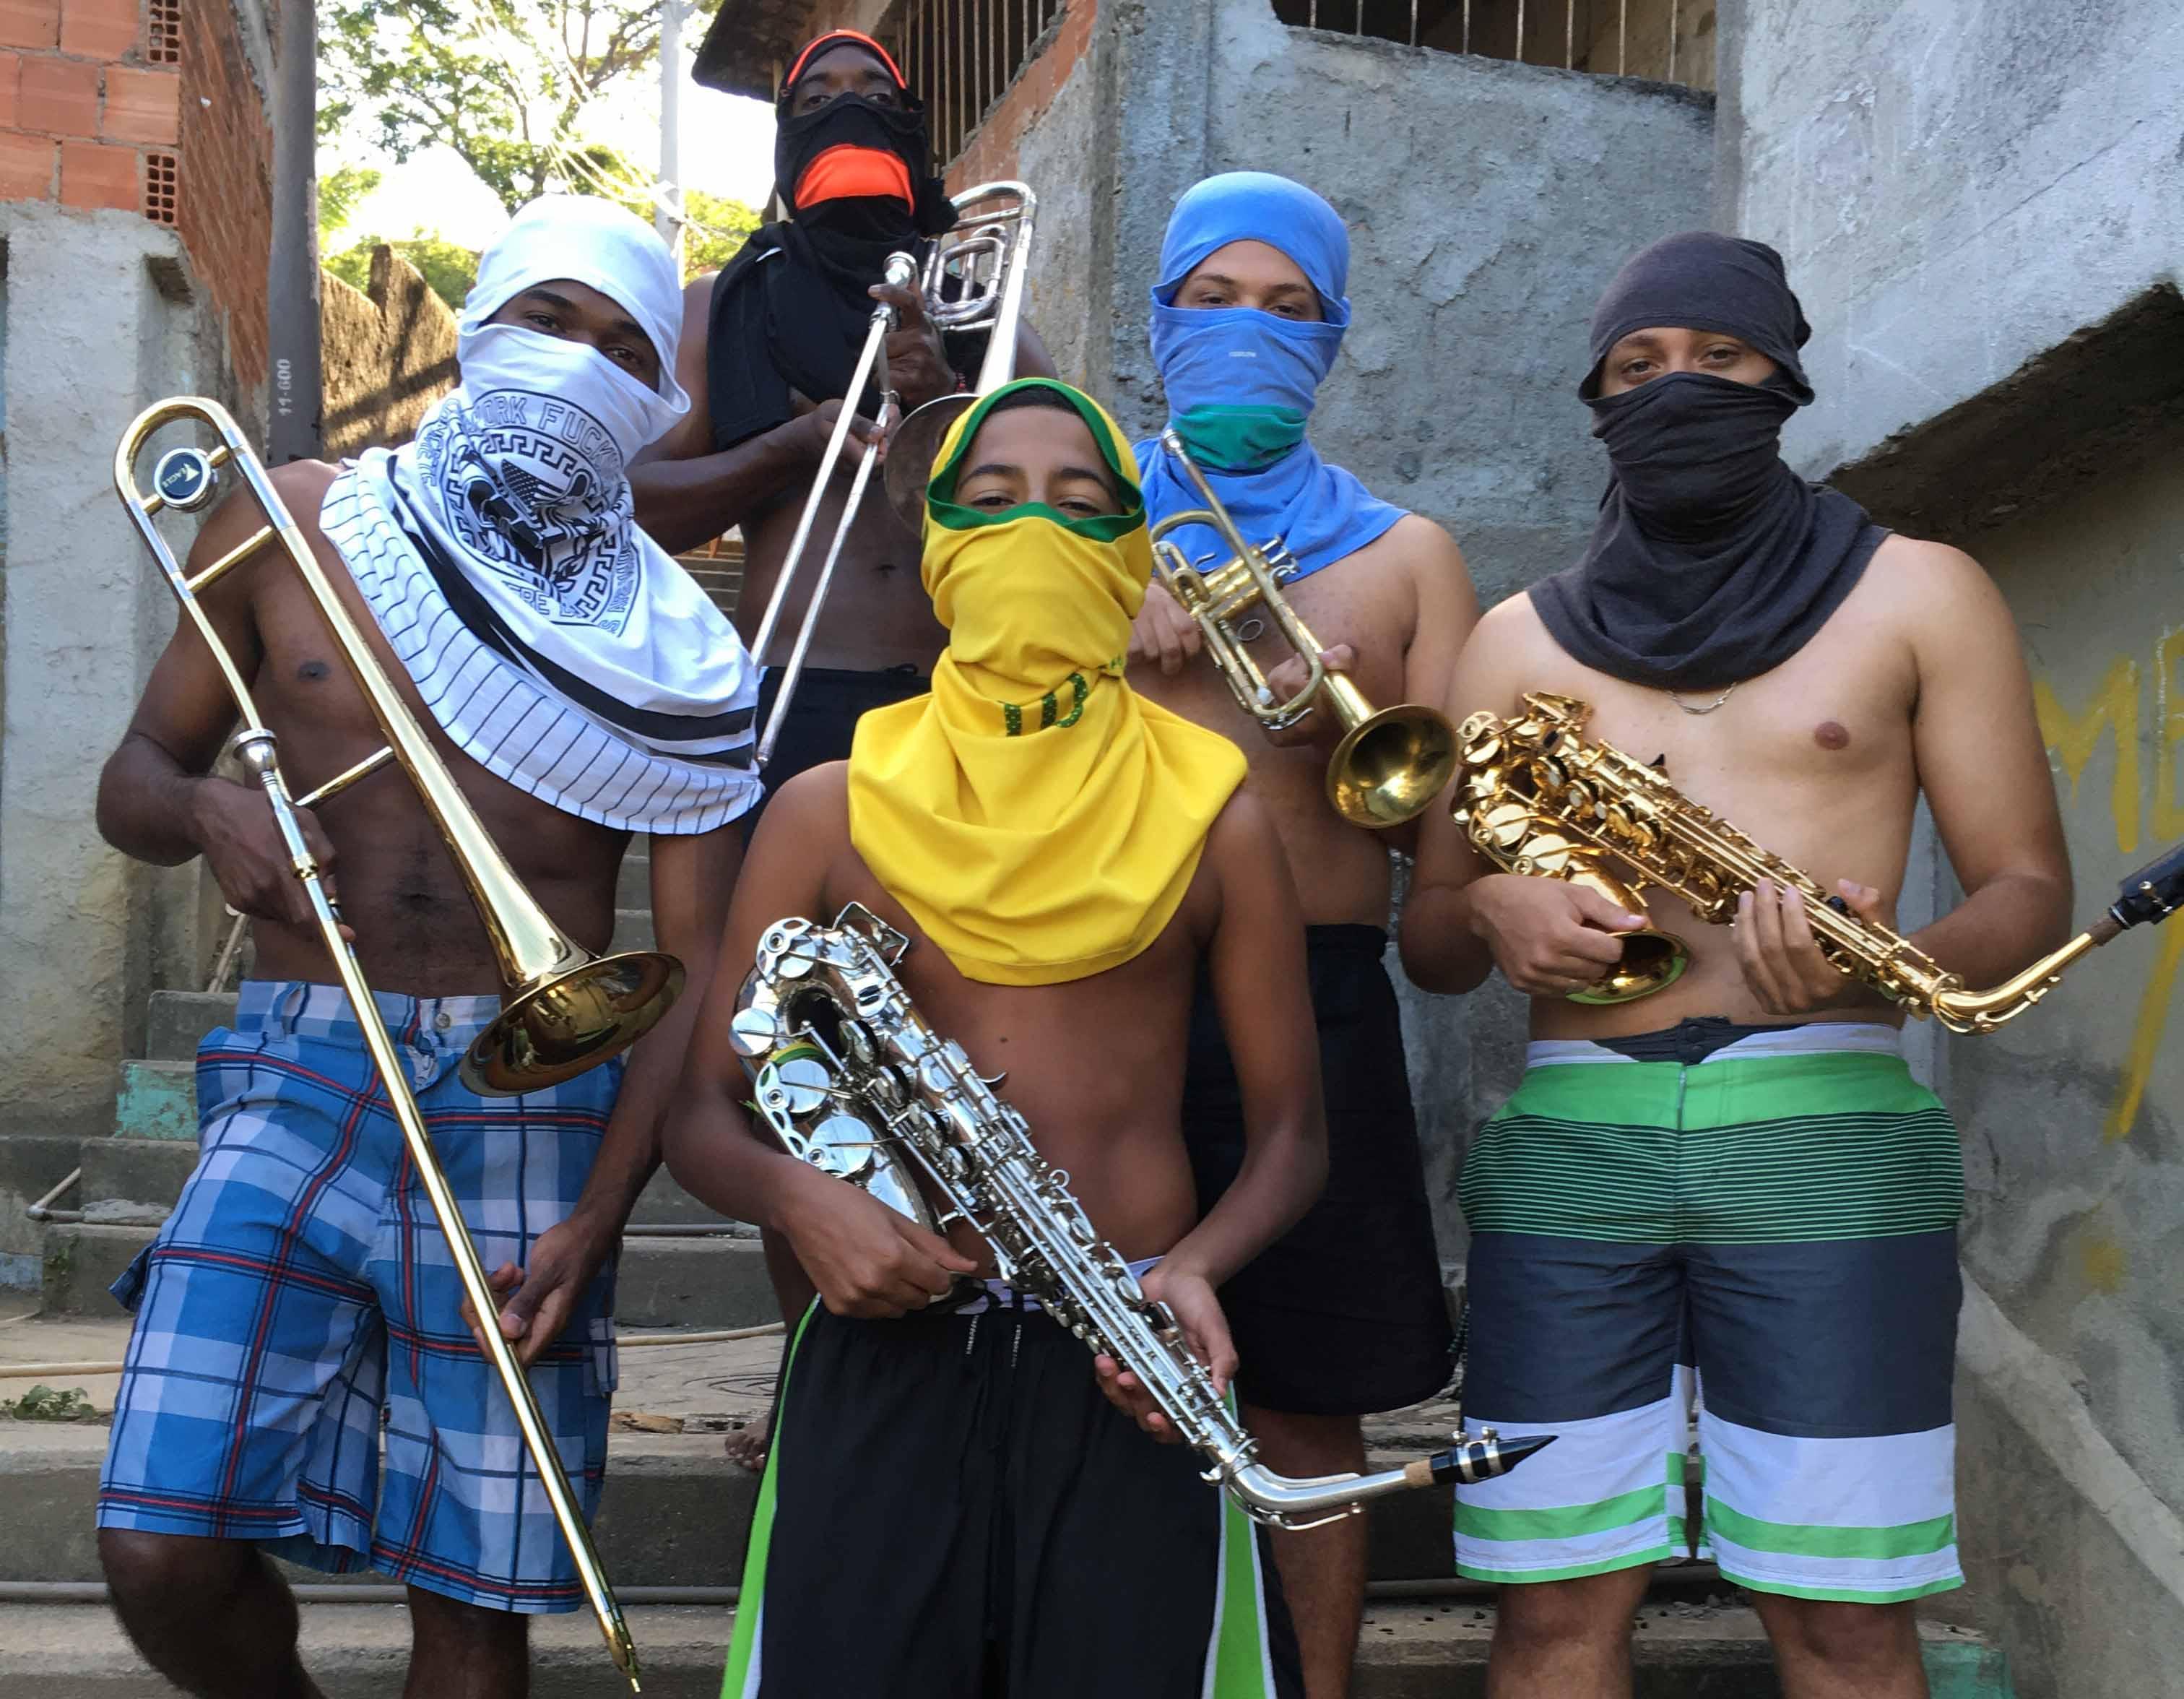 Projeto de fotografia exibe realidade das favelas cariocas